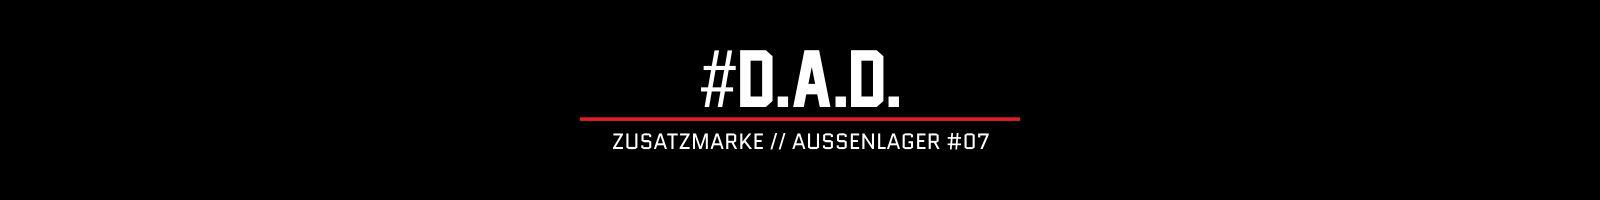 Kategorie-Marken => D.A.D.